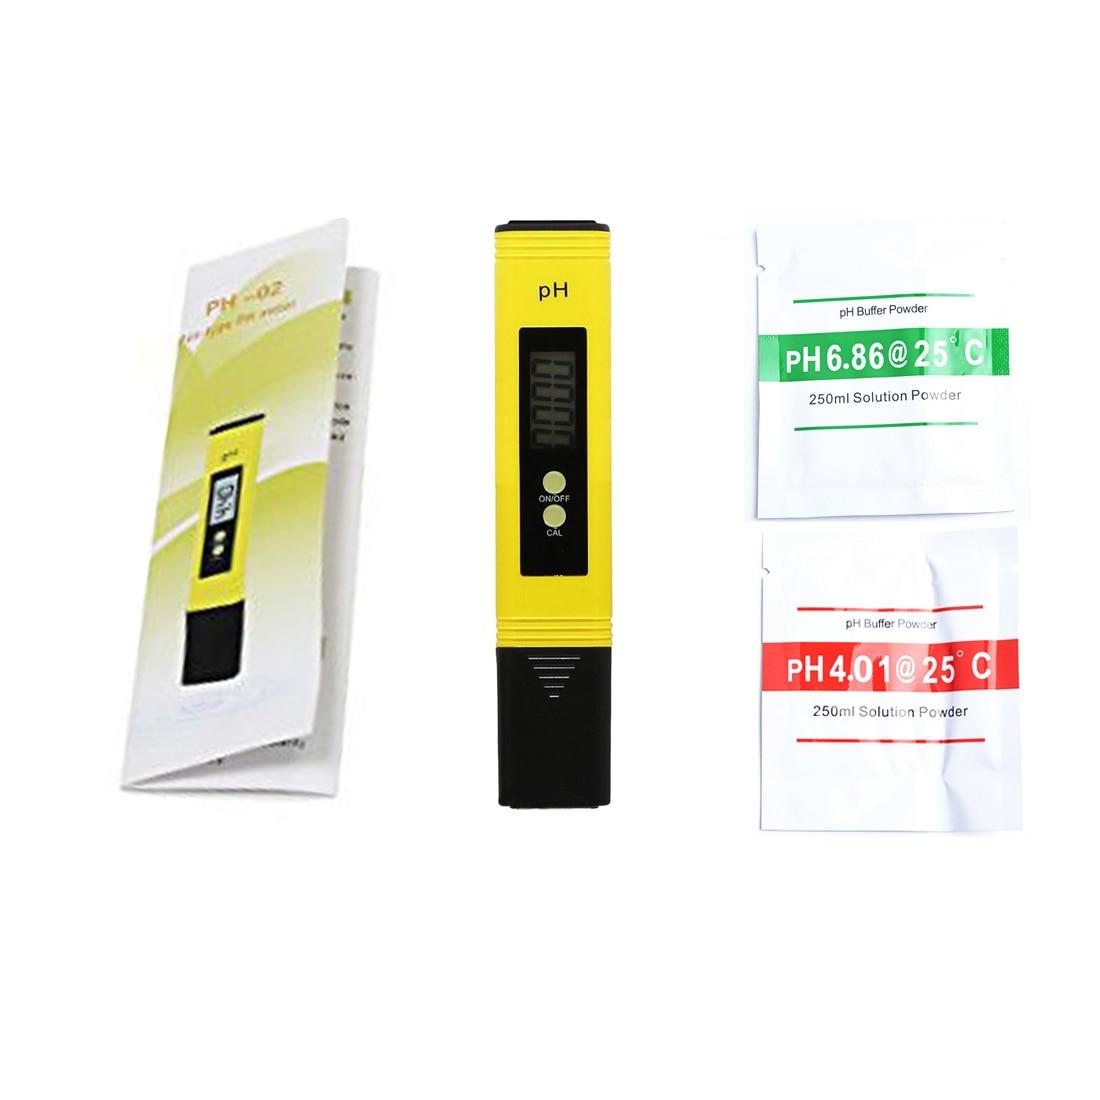 Portátil lcd digital medidor de ph precisão 0.1 aquário piscina água vinho urina automática calibração gama 0 14 14 bolso caneta testador